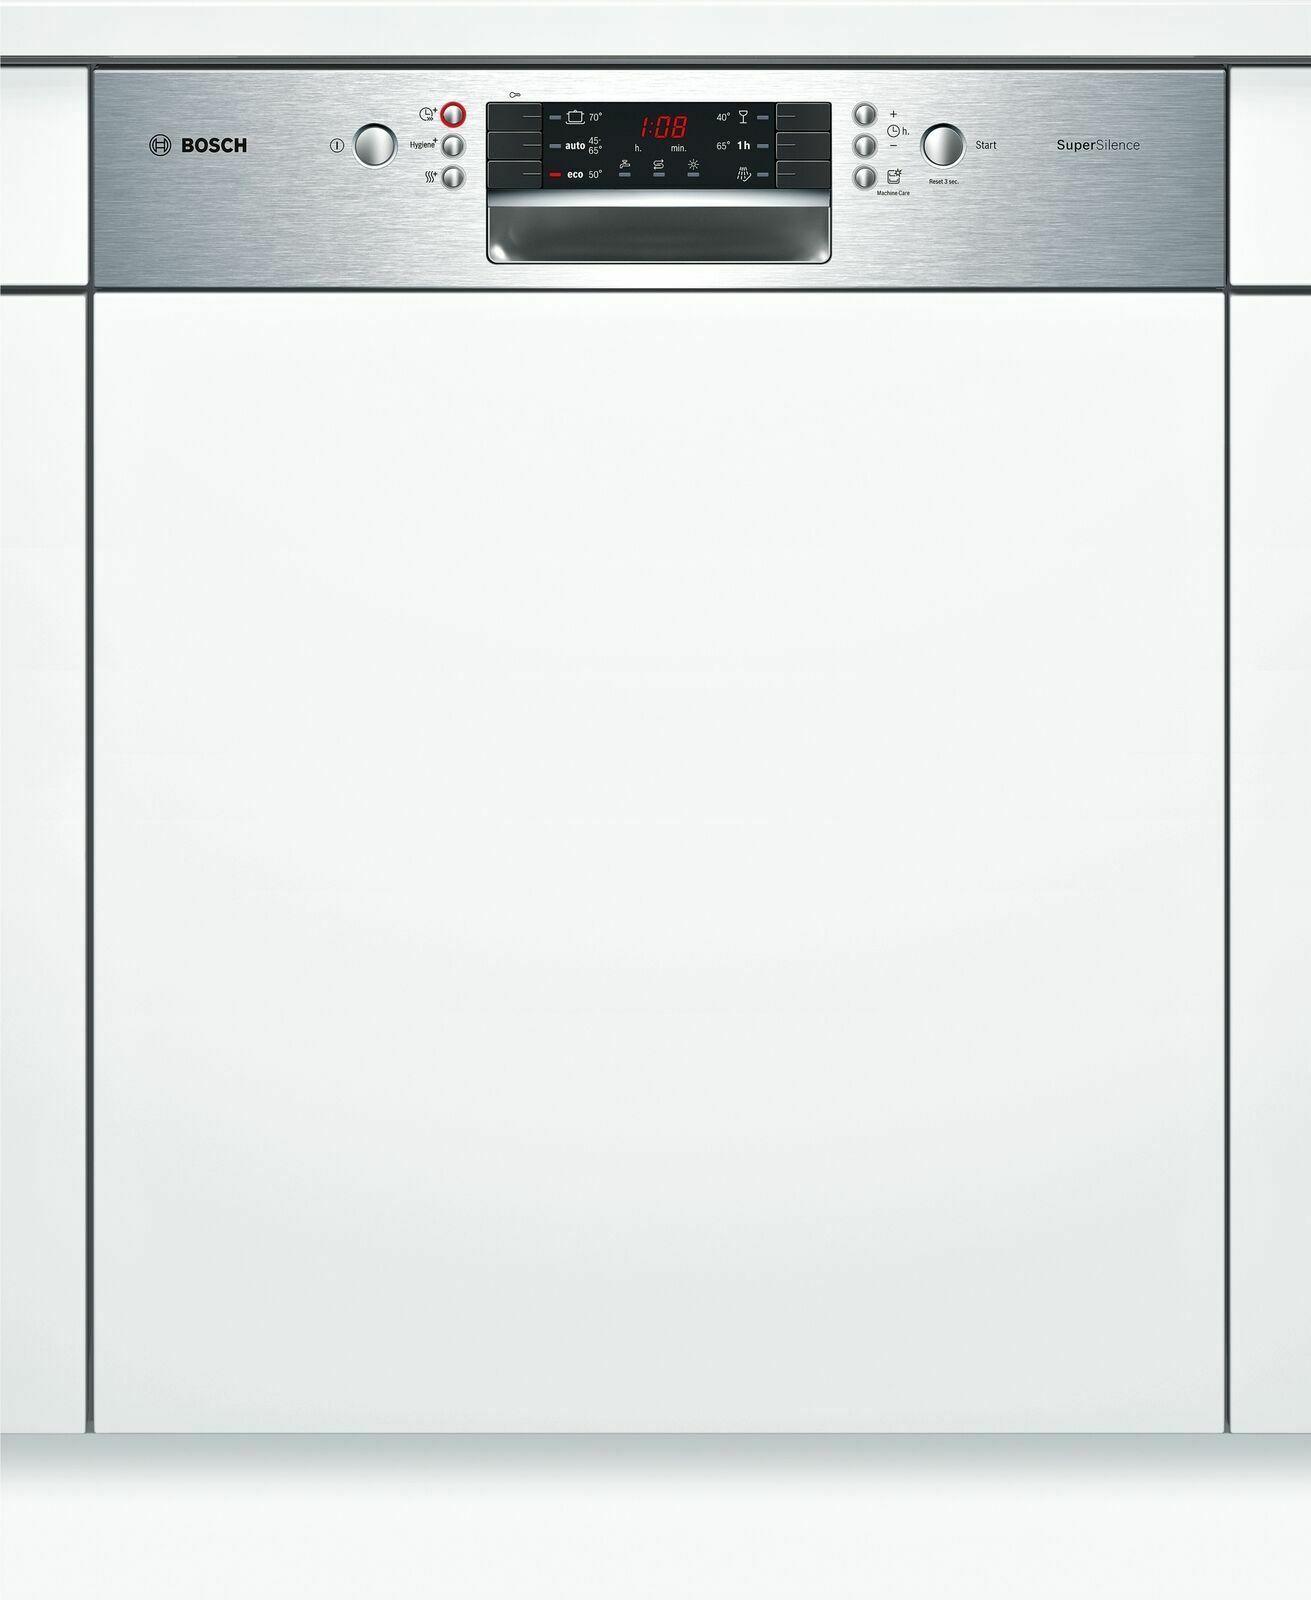 10 лучших посудомоечных машин цена-качество – рейтинг 2020